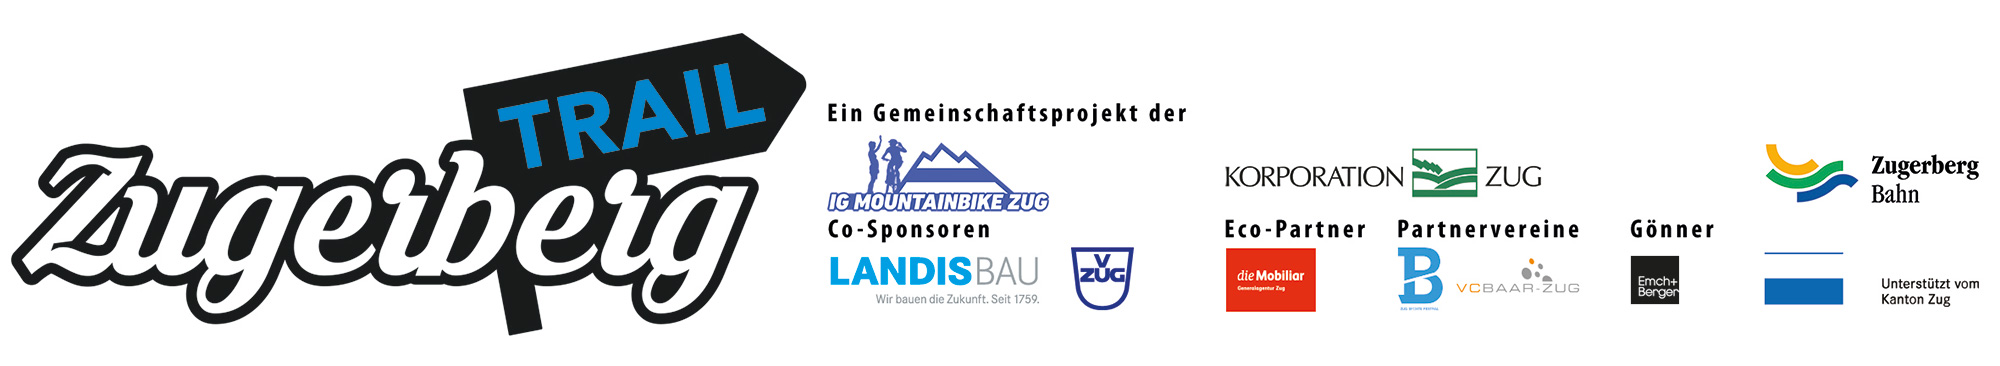 ZugerbergTrail-Logo-Sponsoren-h1_web